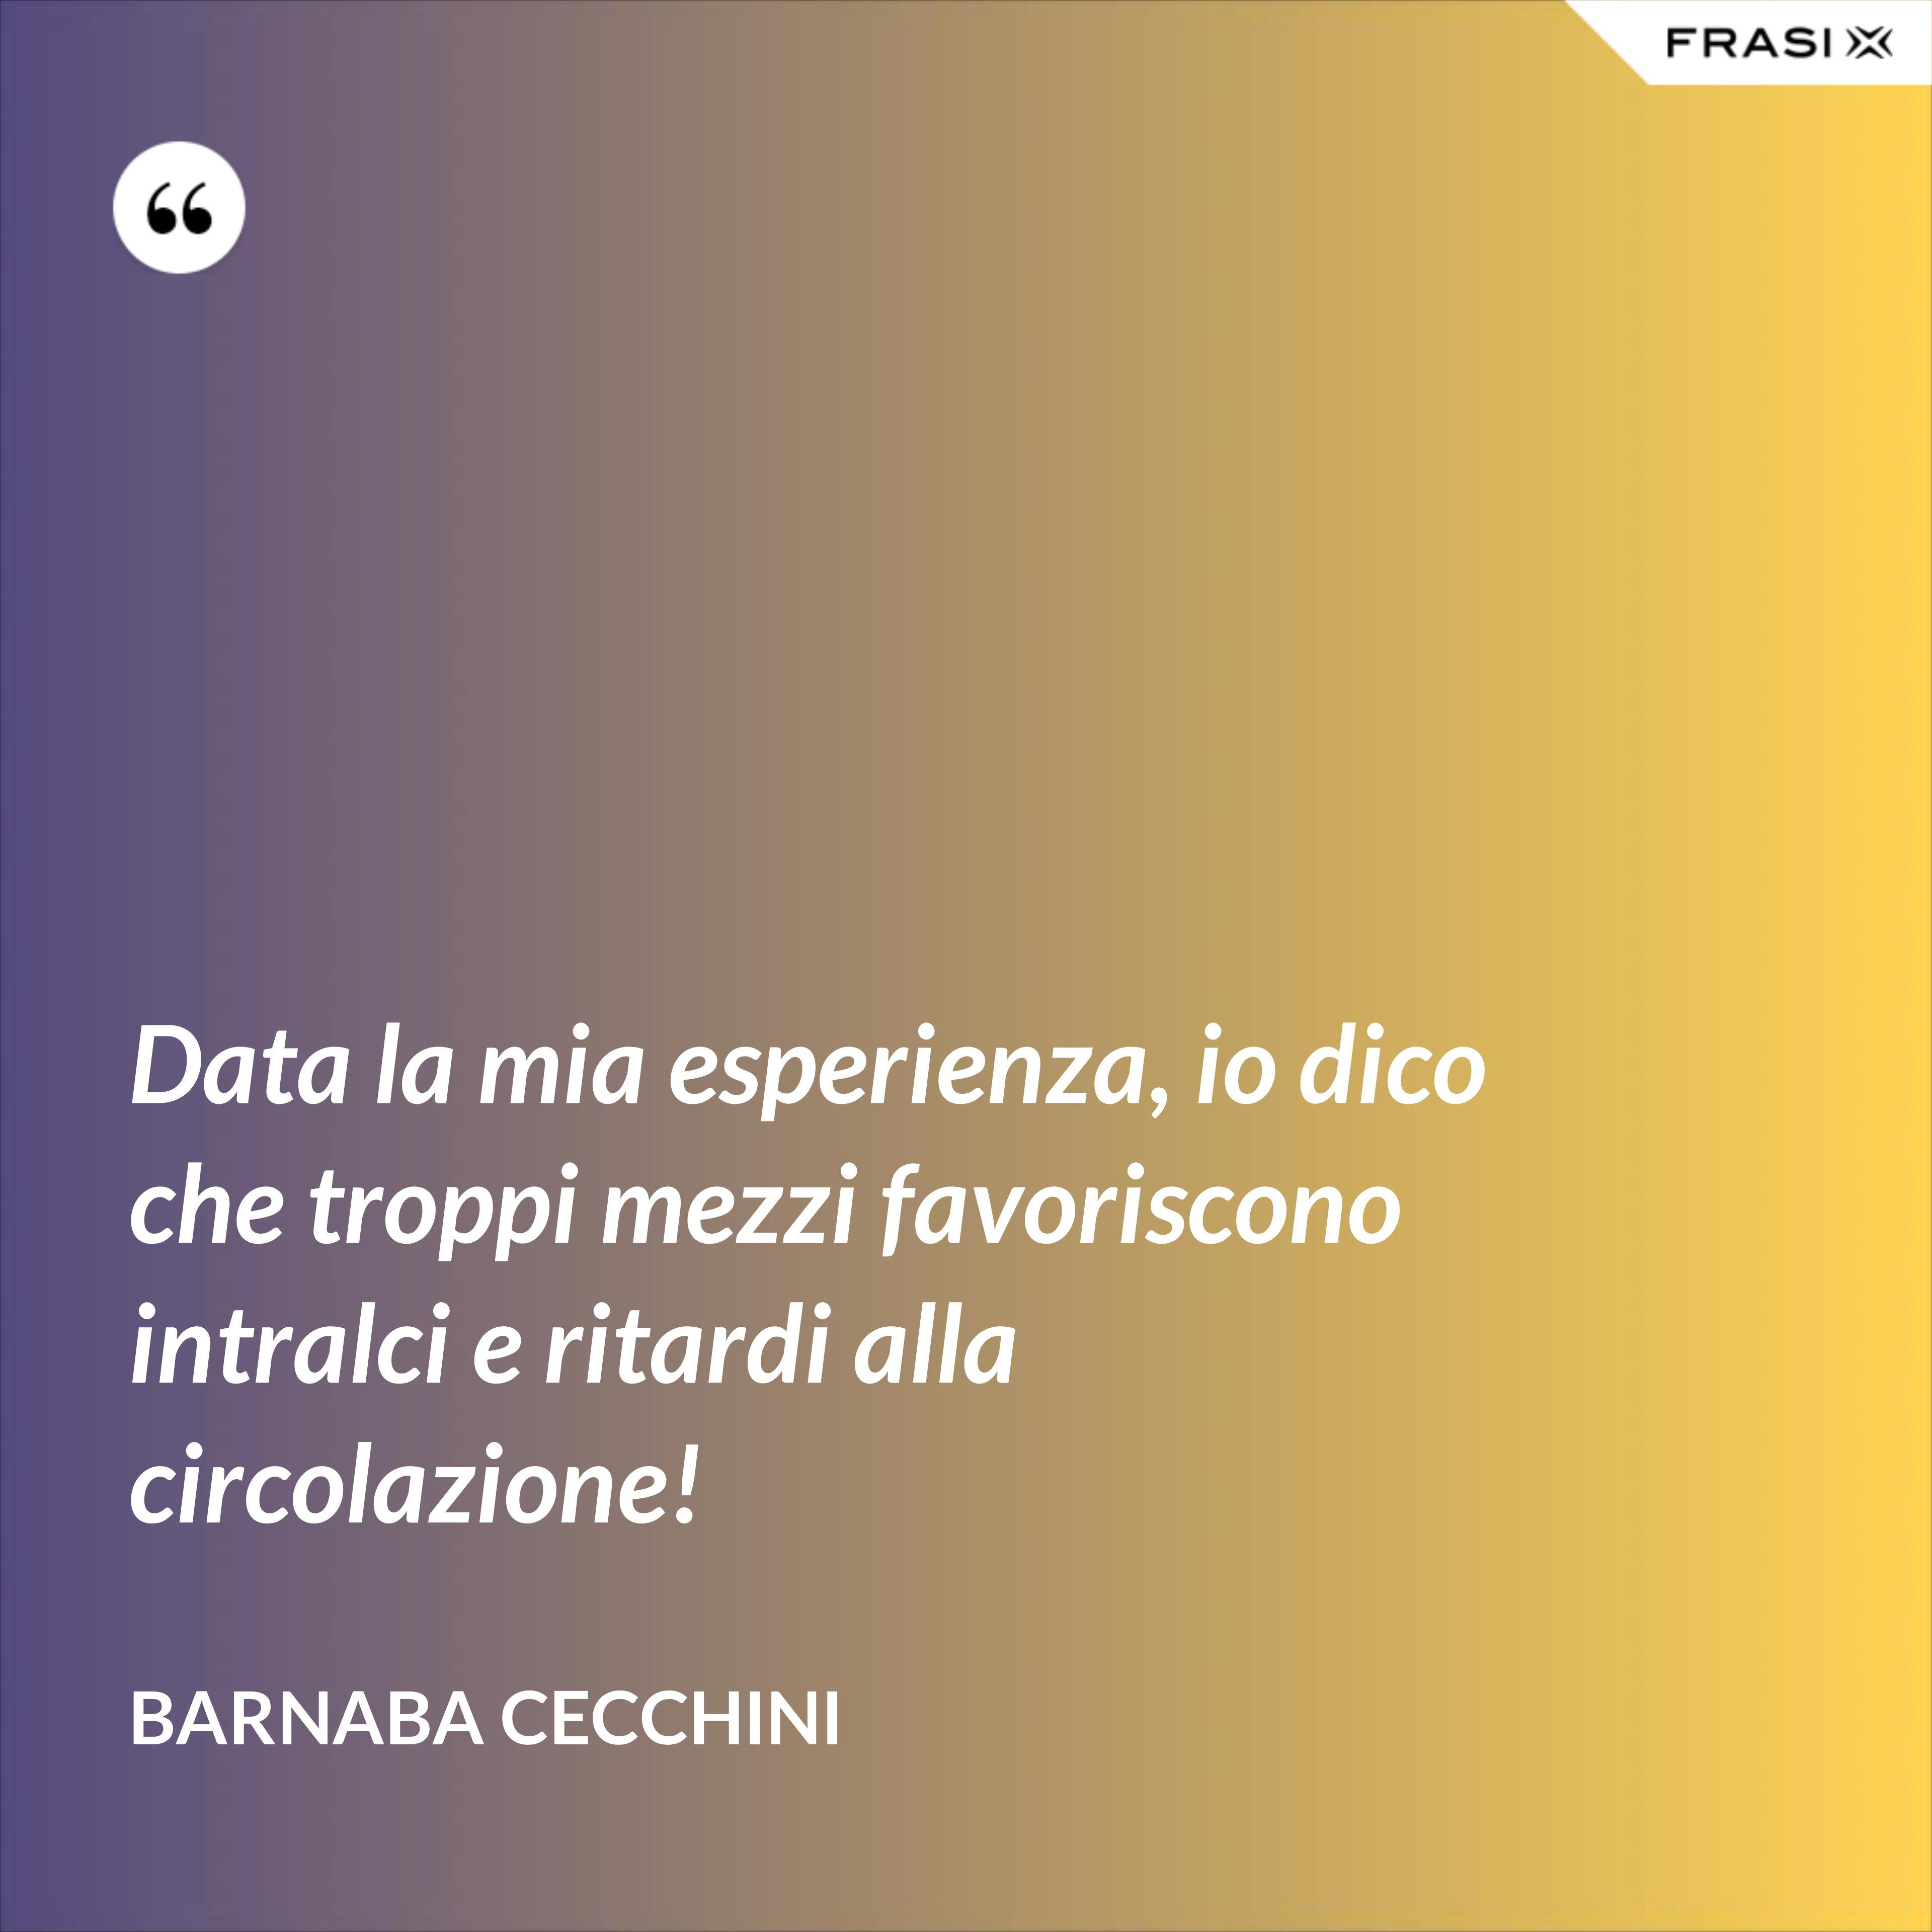 Data la mia esperienza, io dico che troppi mezzi favoriscono intralci e ritardi alla circolazione! - Barnaba Cecchini